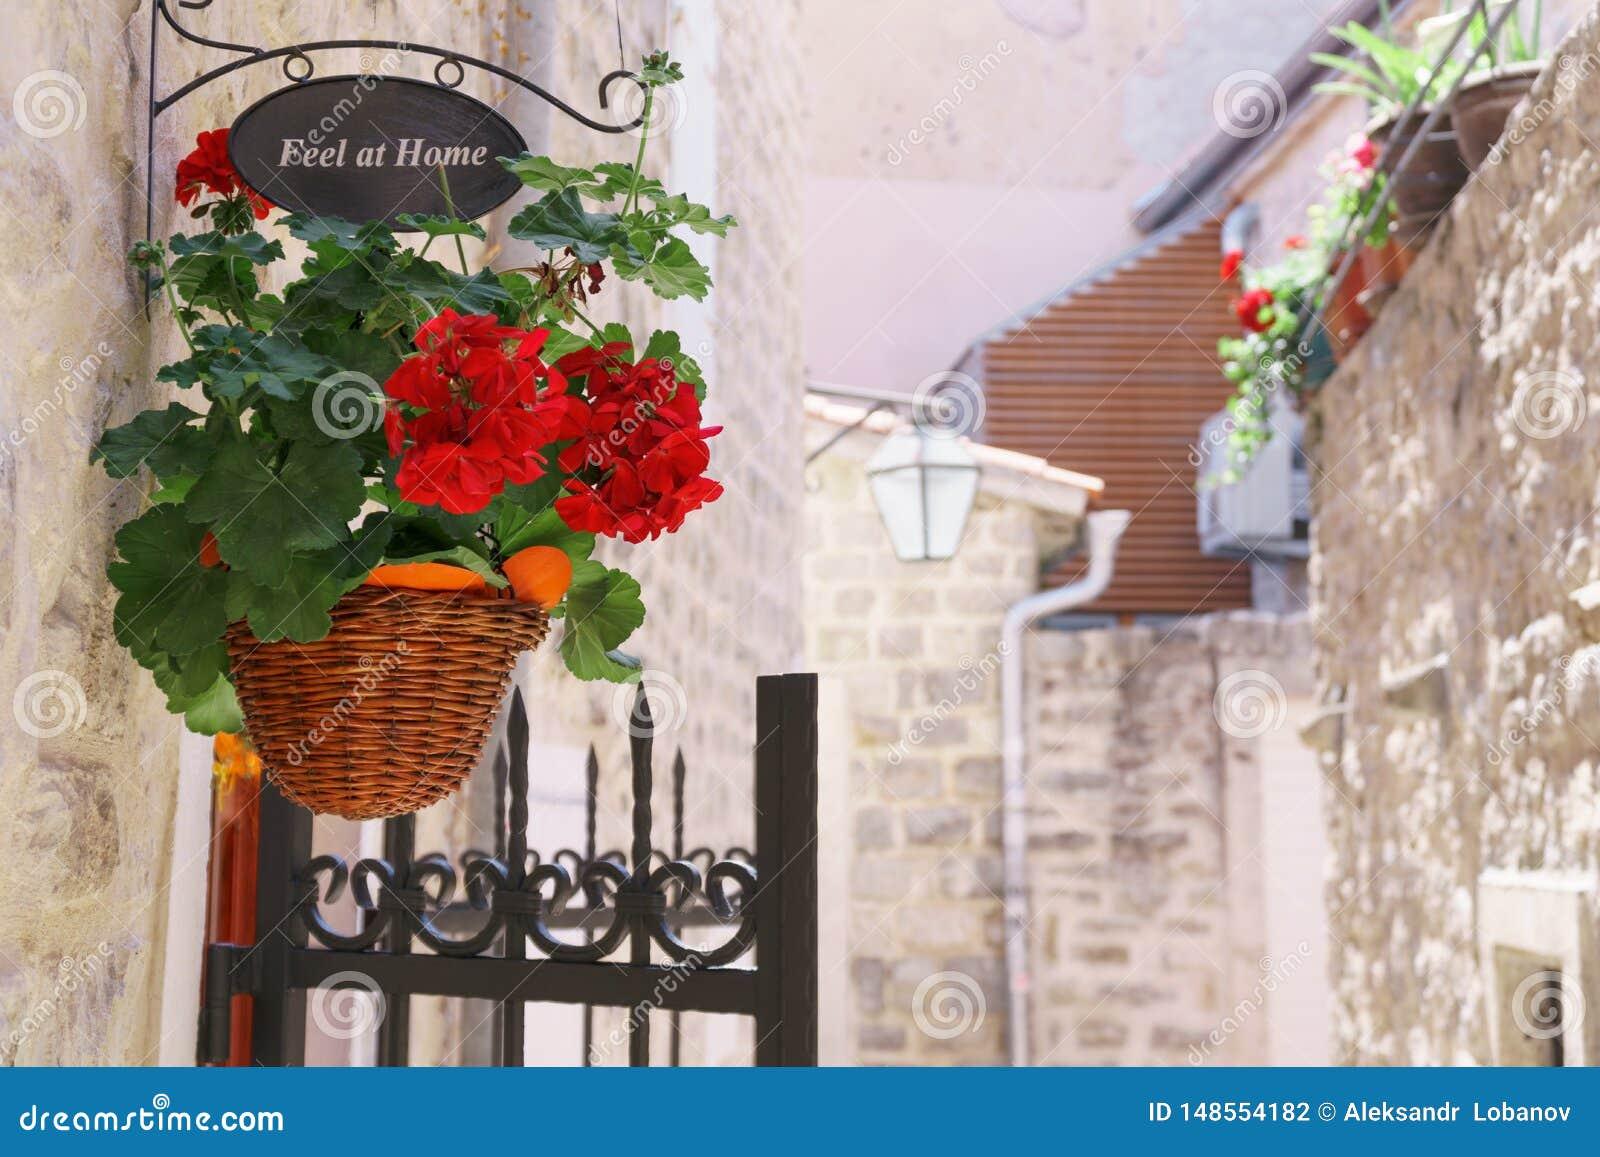 Den röda blomman och ett tecken i shoppar